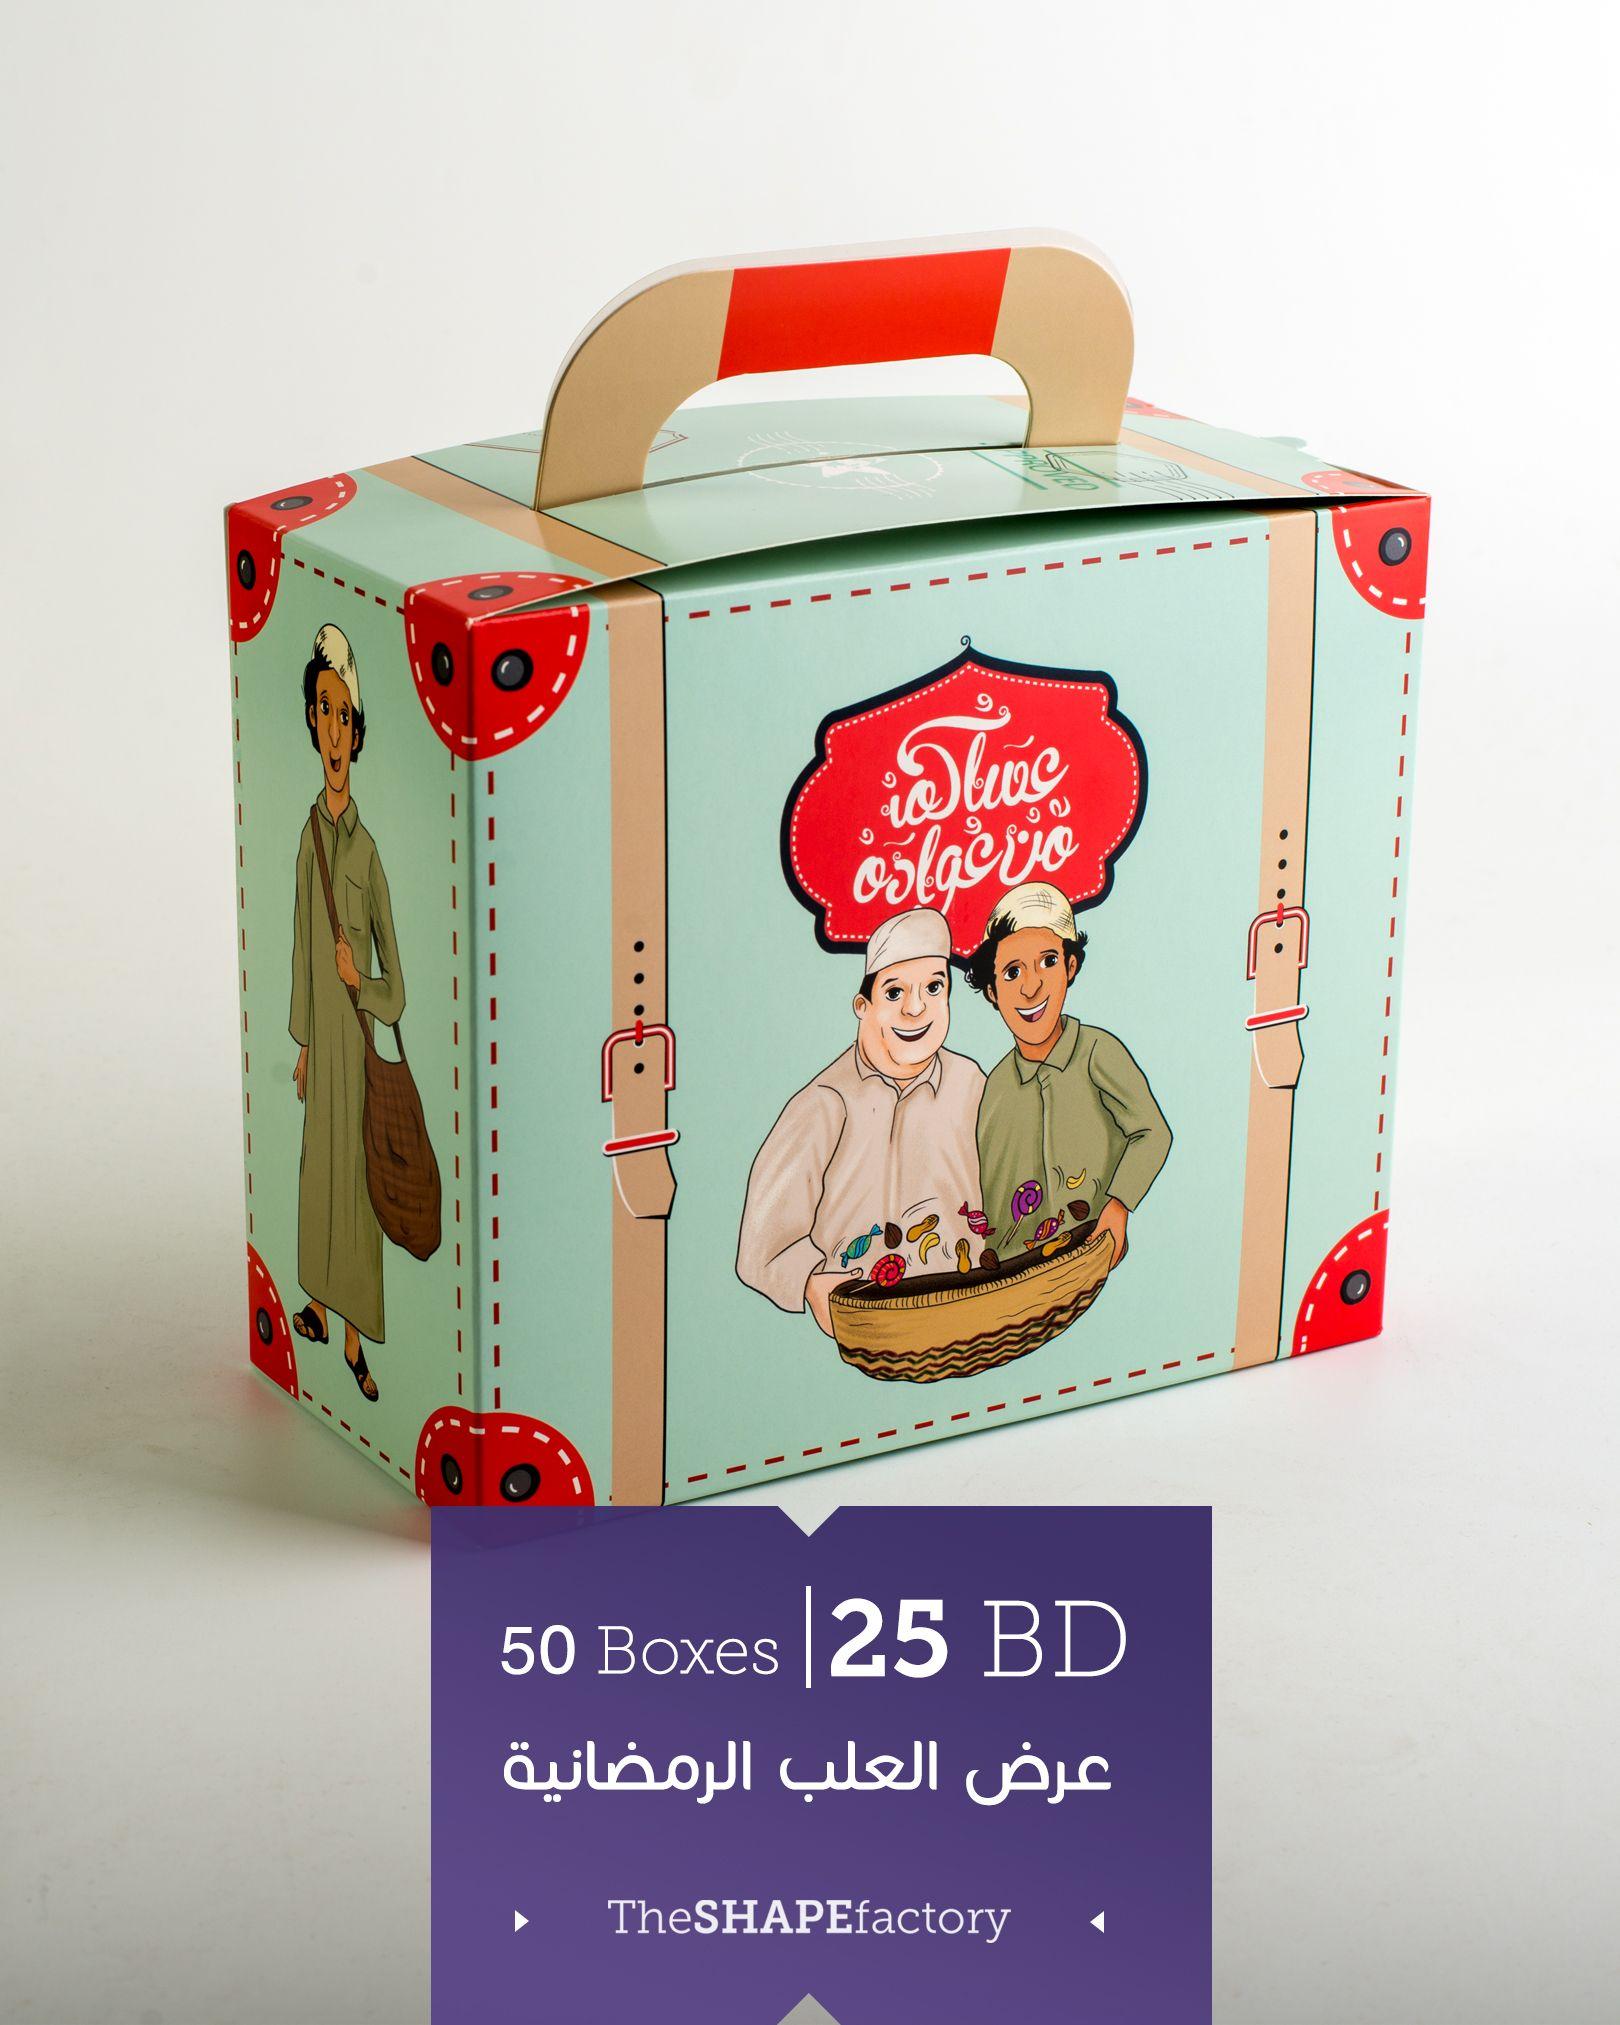 بامكانكم طلب هذا المنتج بزيارتنا في المصنع او عبر الواتساب اقل عدد 50 علبة علب كبيرة الحجم مناسبة لتوزيعات الق Ramadan Kids Eid Crafts Baby Bear Baby Shower